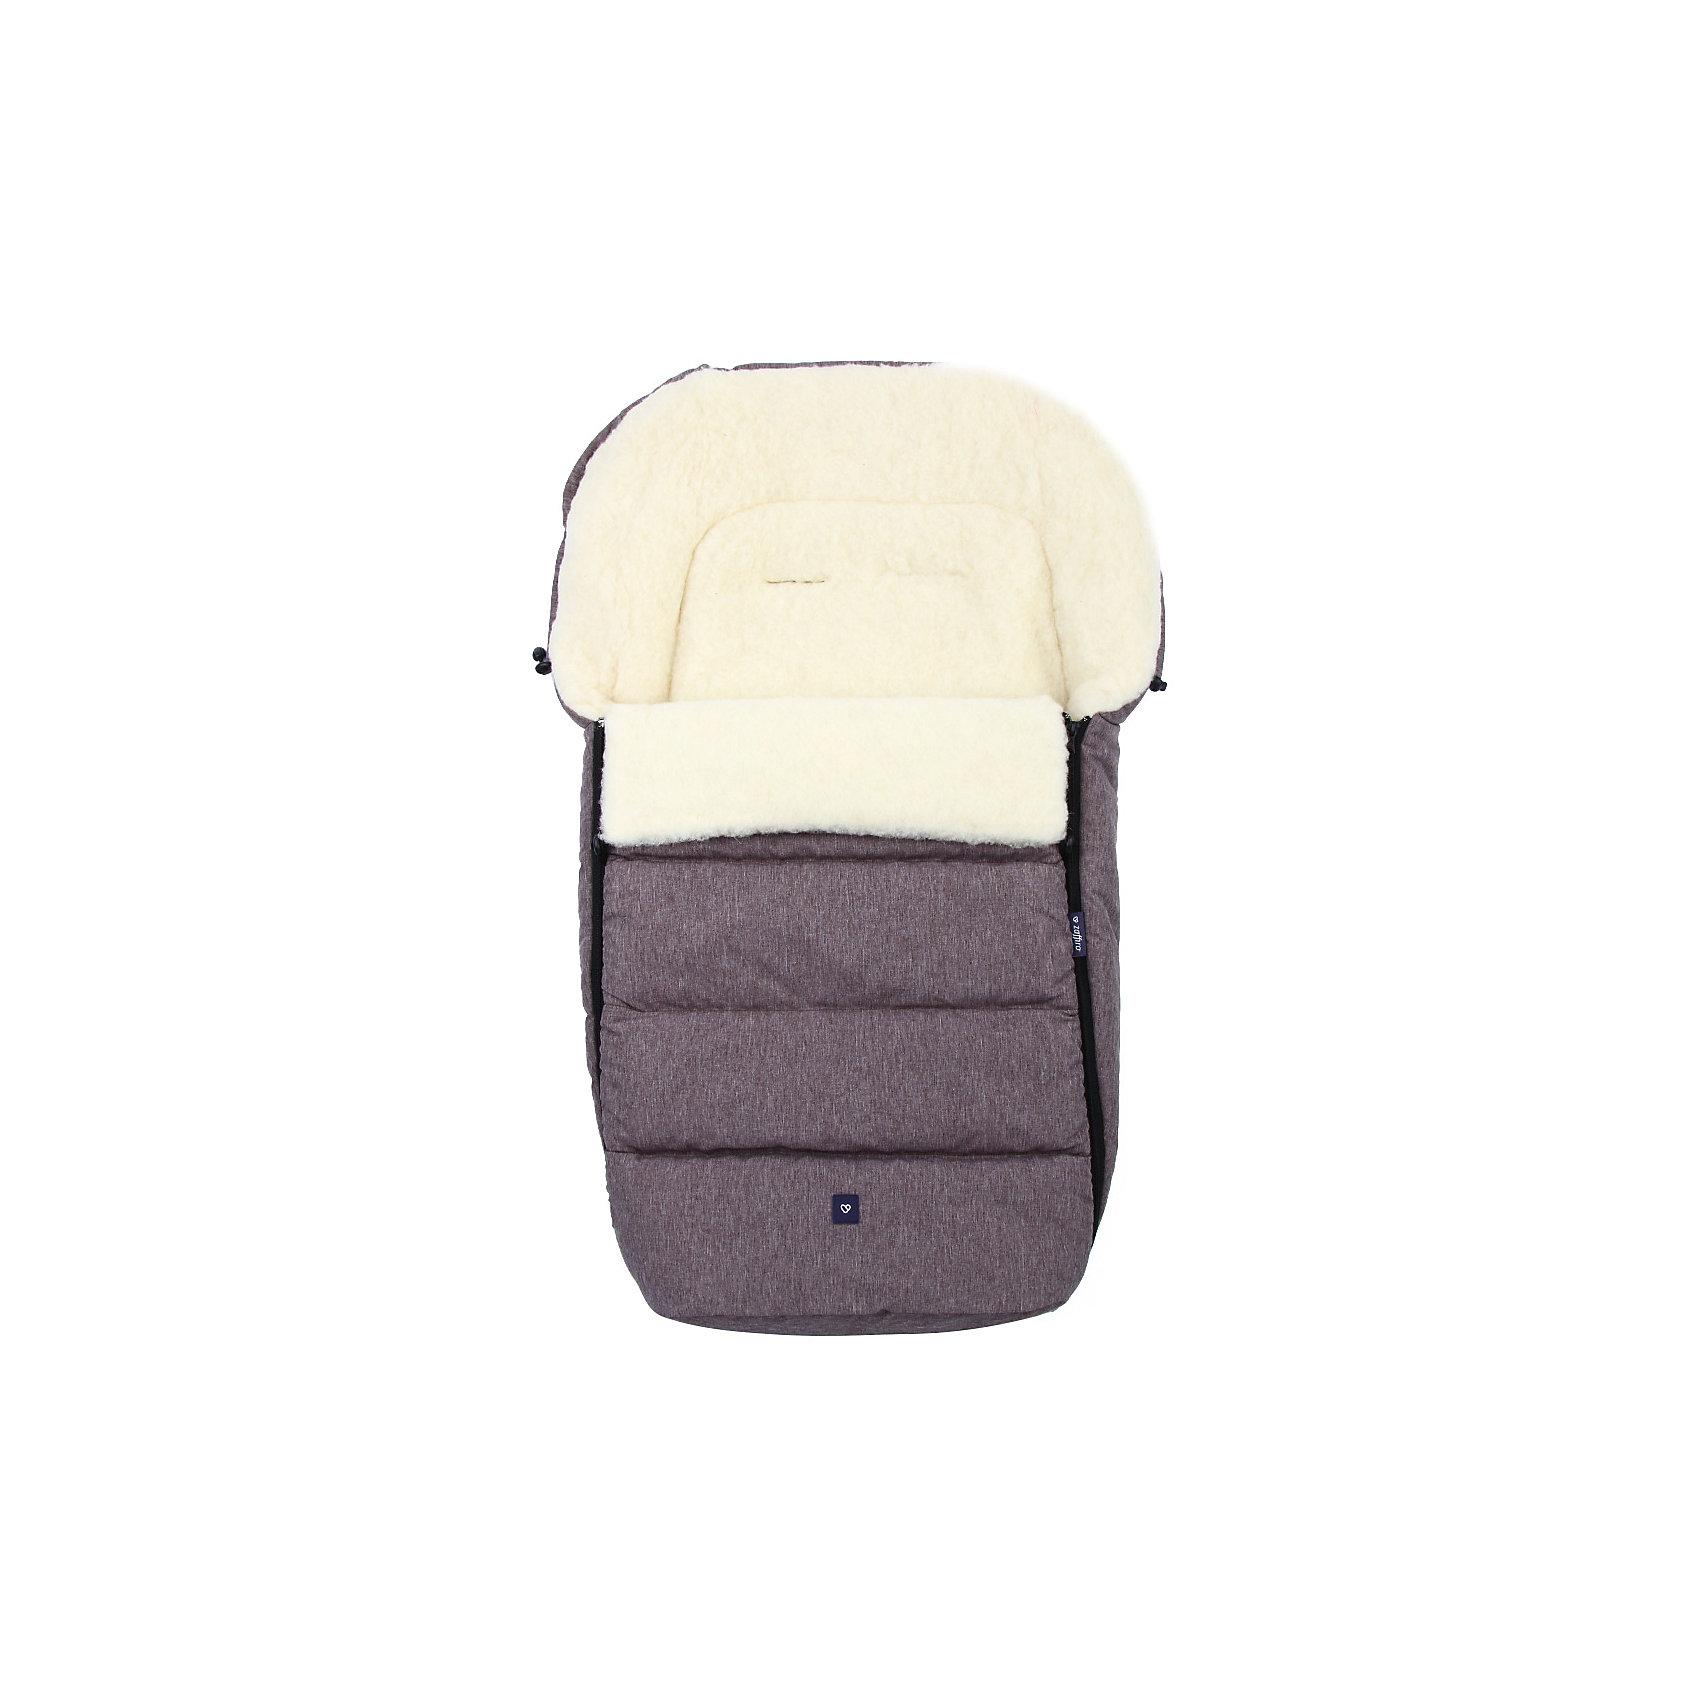 Конверт зимний №S77 Exclusive, 95*50, шерсть, Womar, коричневый